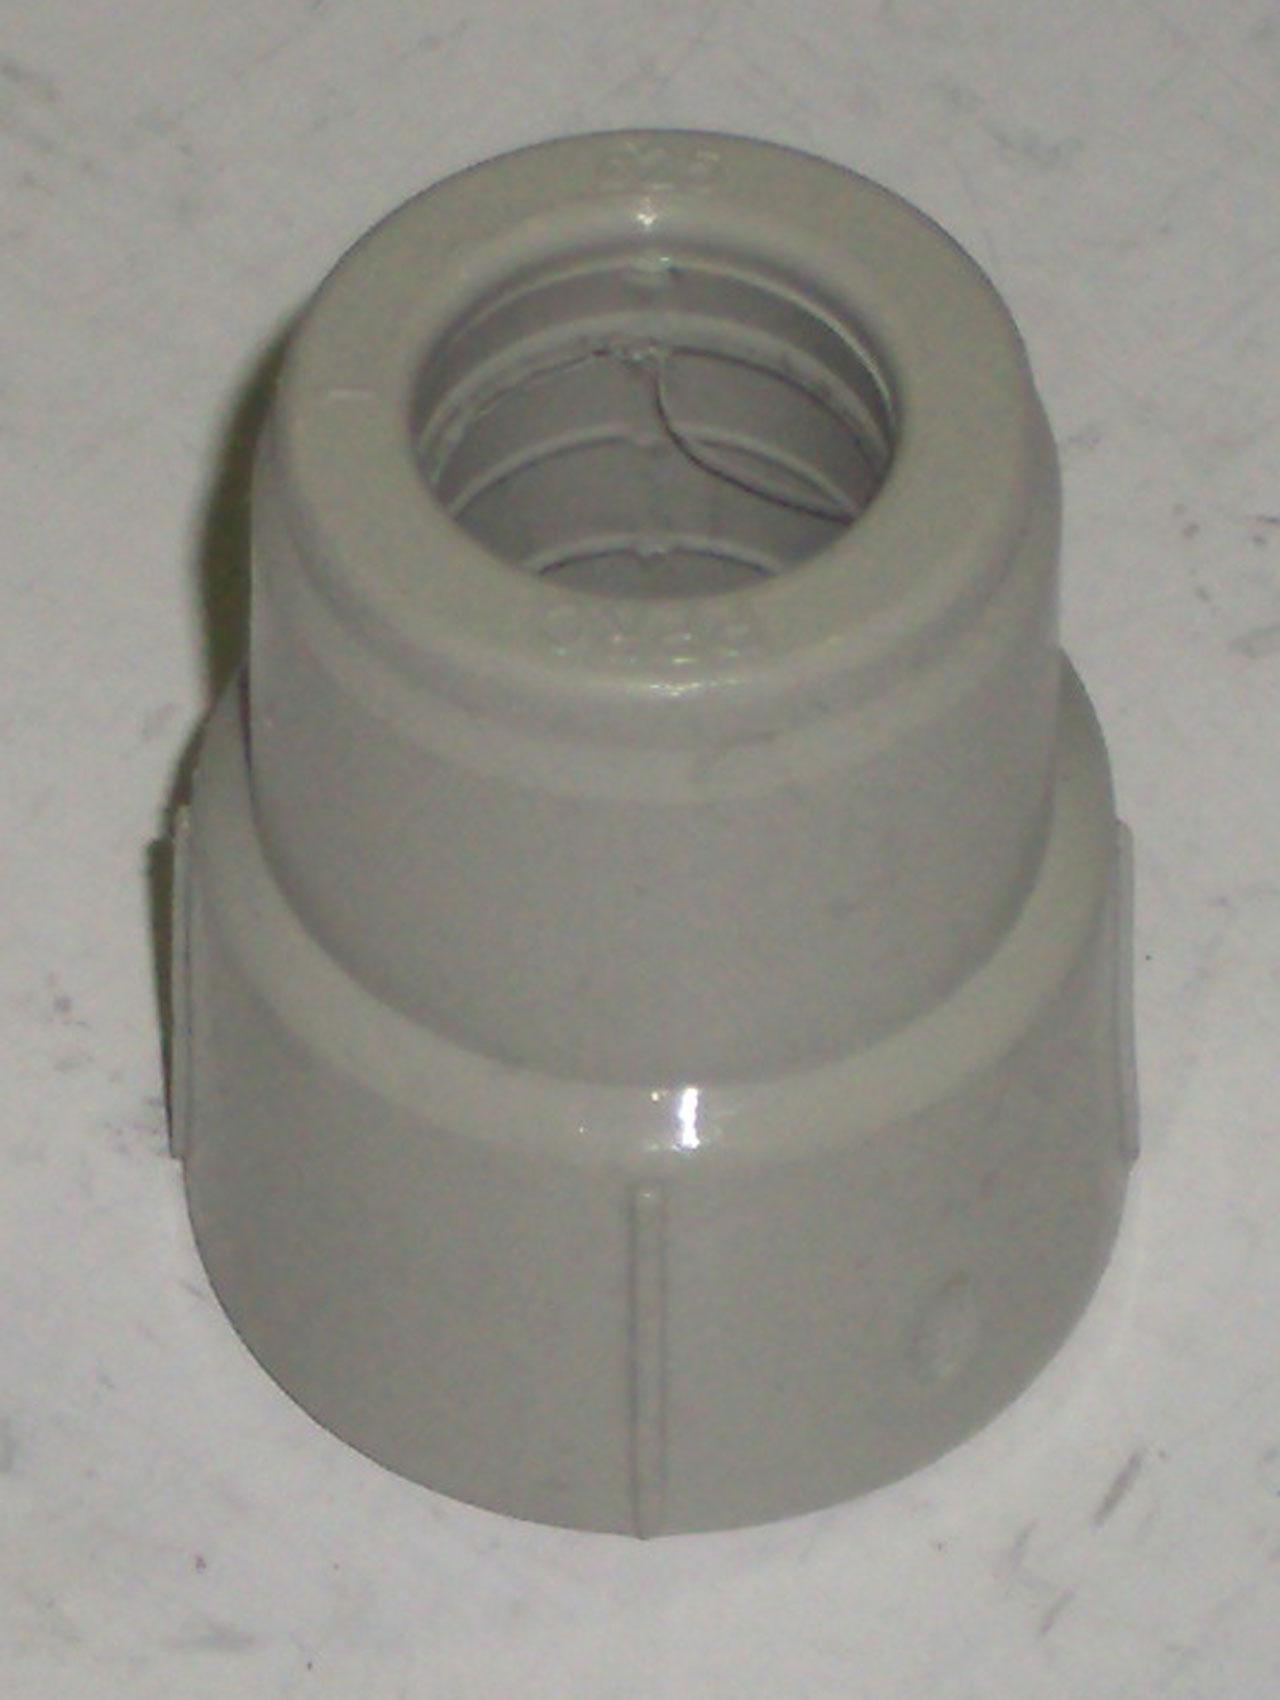 Муфта полипропиленовая редукционная FIRAT, серая, ВР, арт.7722025020  25х20